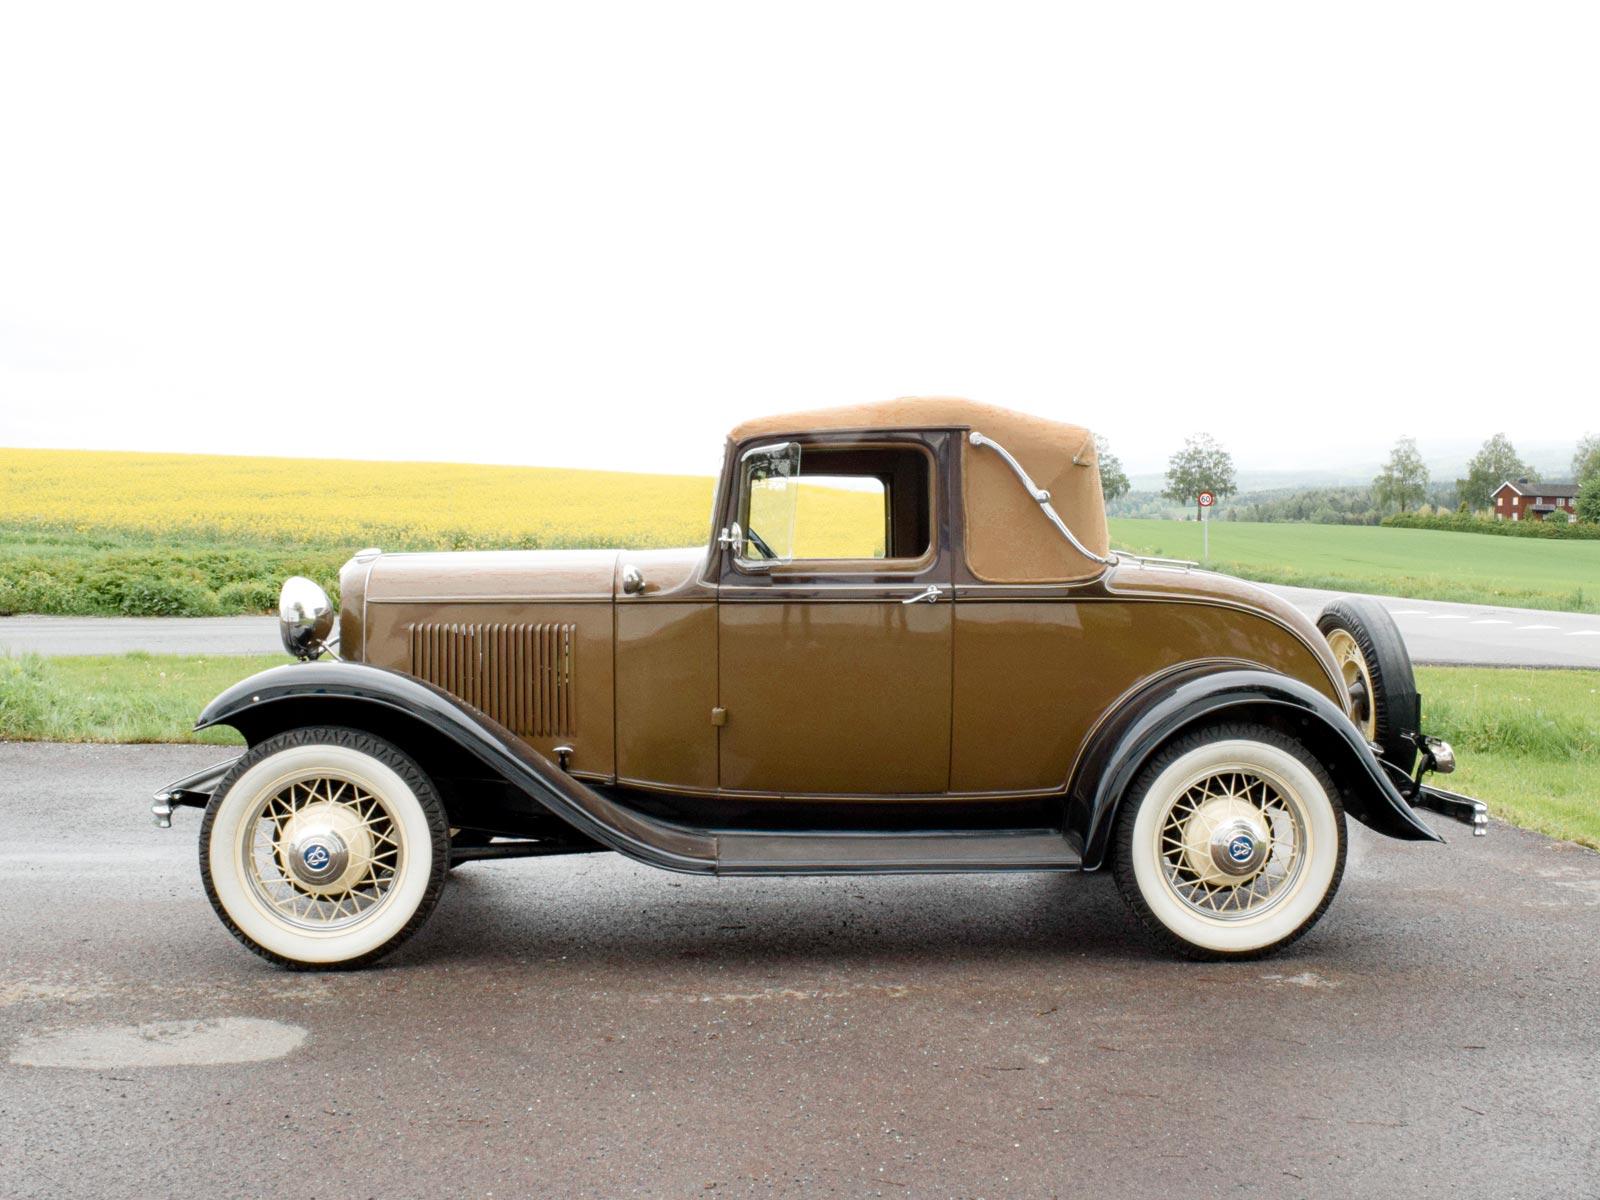 Ford B Sport Coupe 1932 modell. Se vårt utvalg av biler.